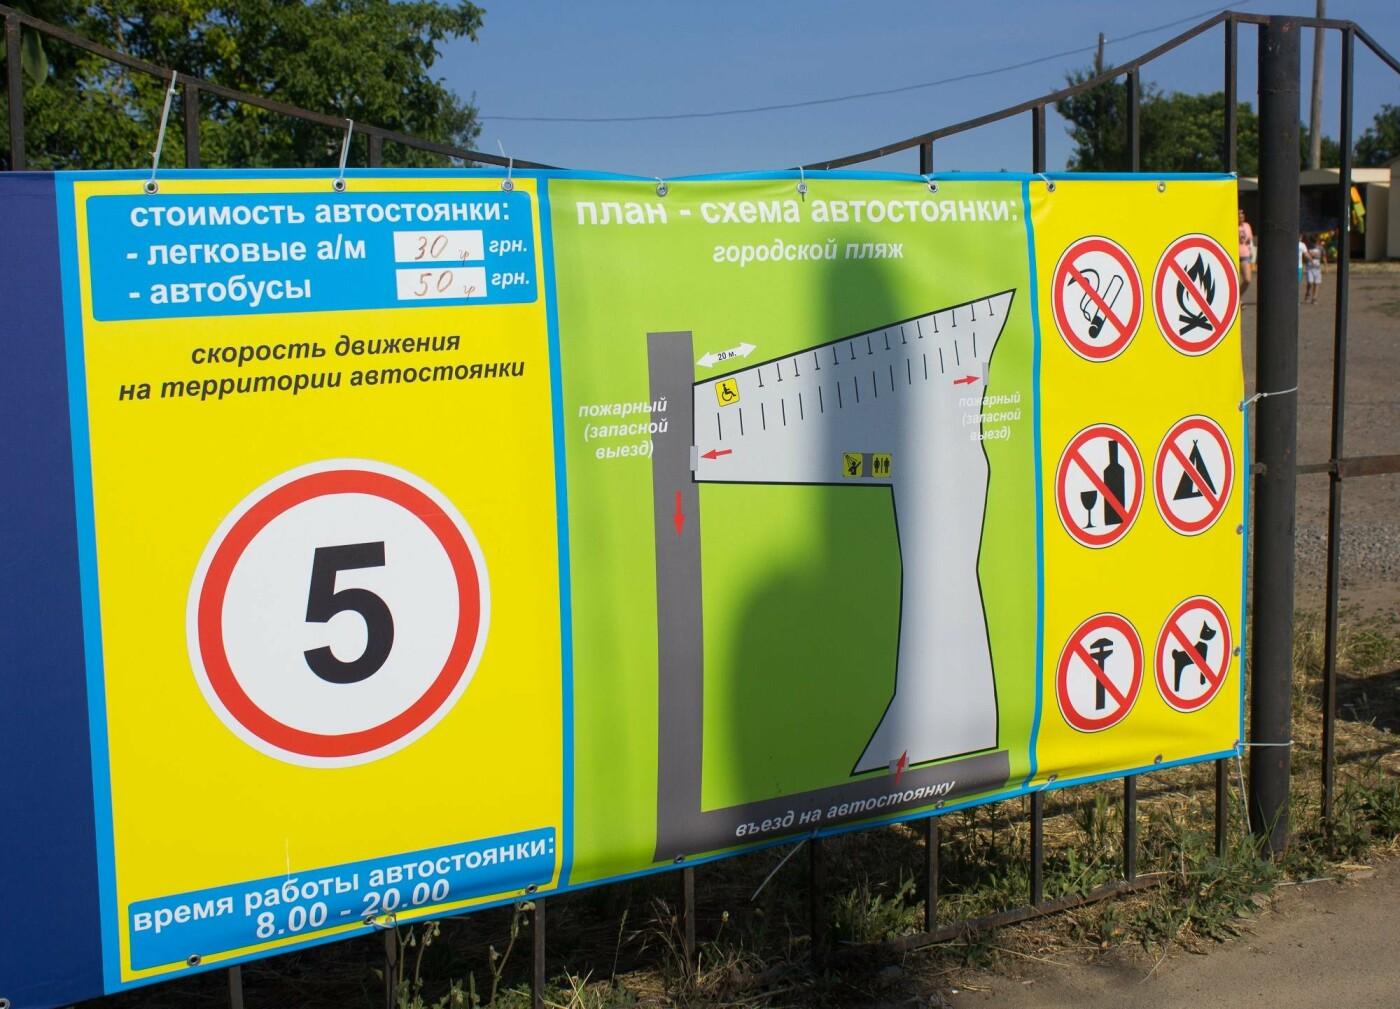 В Черноморске собрано необходимое количество голосов для строительства безбарьерного пляжа. Что дальше?, фото-4